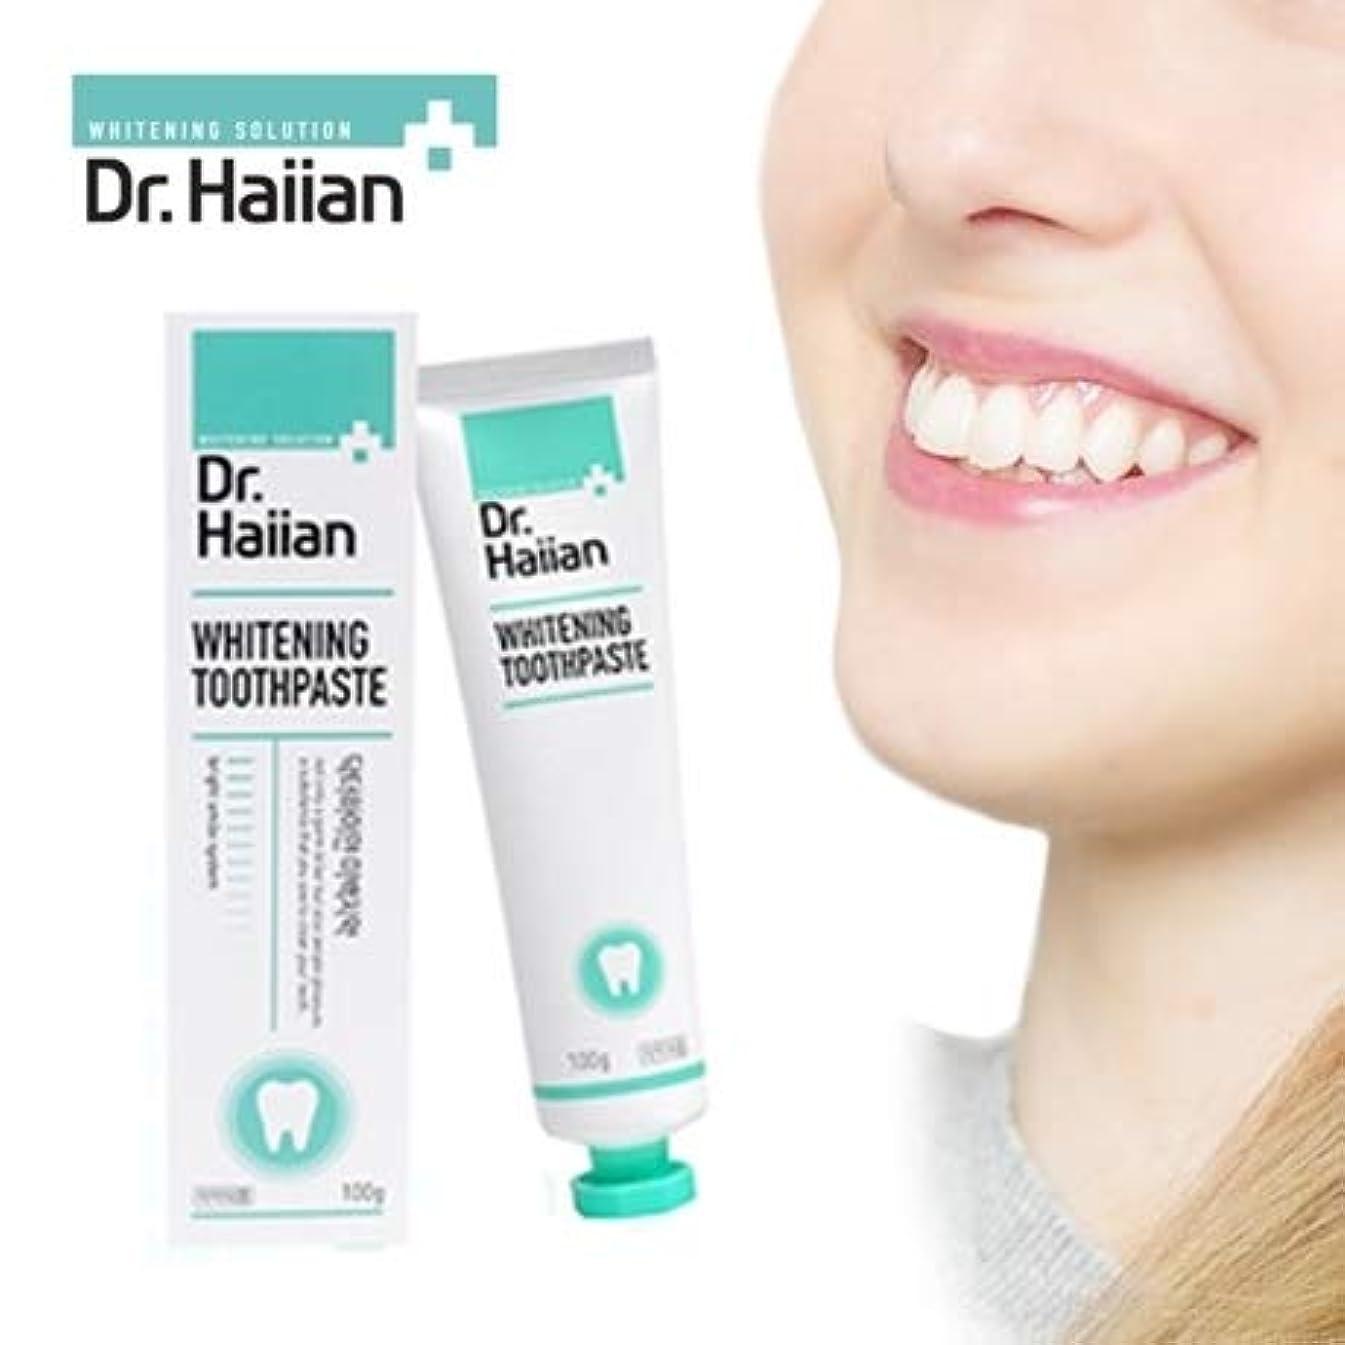 抜本的なインポートシリングDr.Haiian WHITENING TOOTHPASTE ホワイトニング歯磨き粉 100g,韩国正品